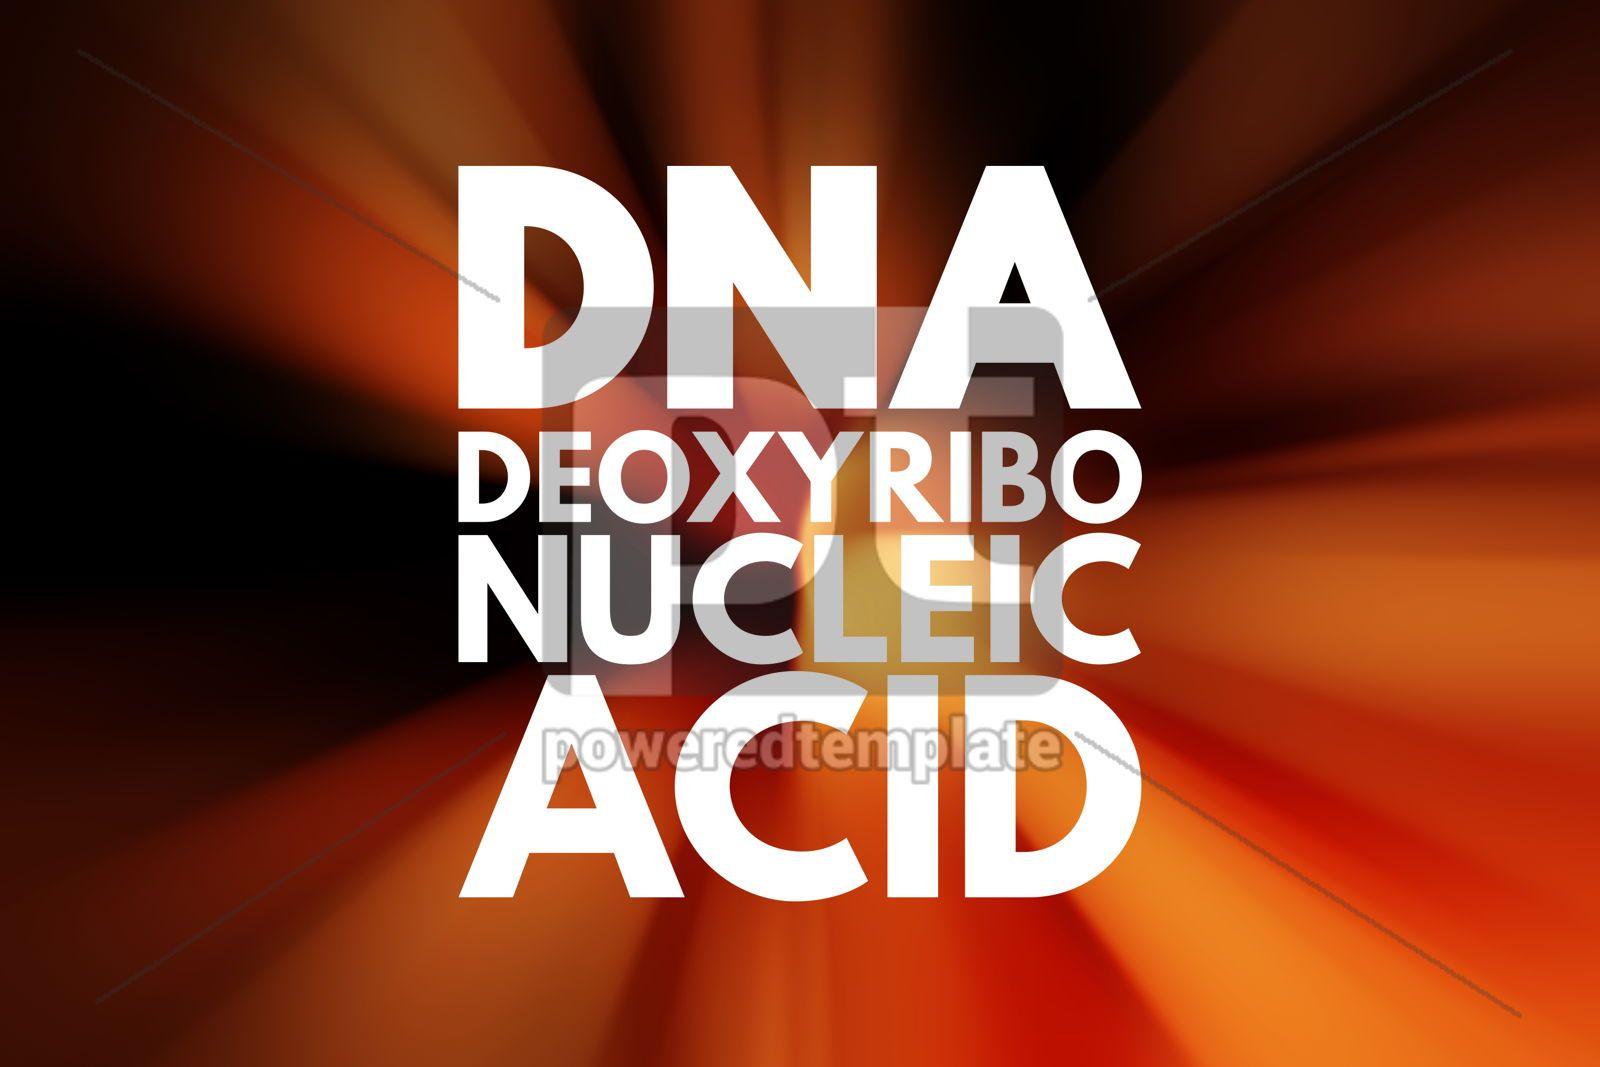 DNA - Deoxyribonucleic Acid acronym medical concept background, 16020, Business — PoweredTemplate.com